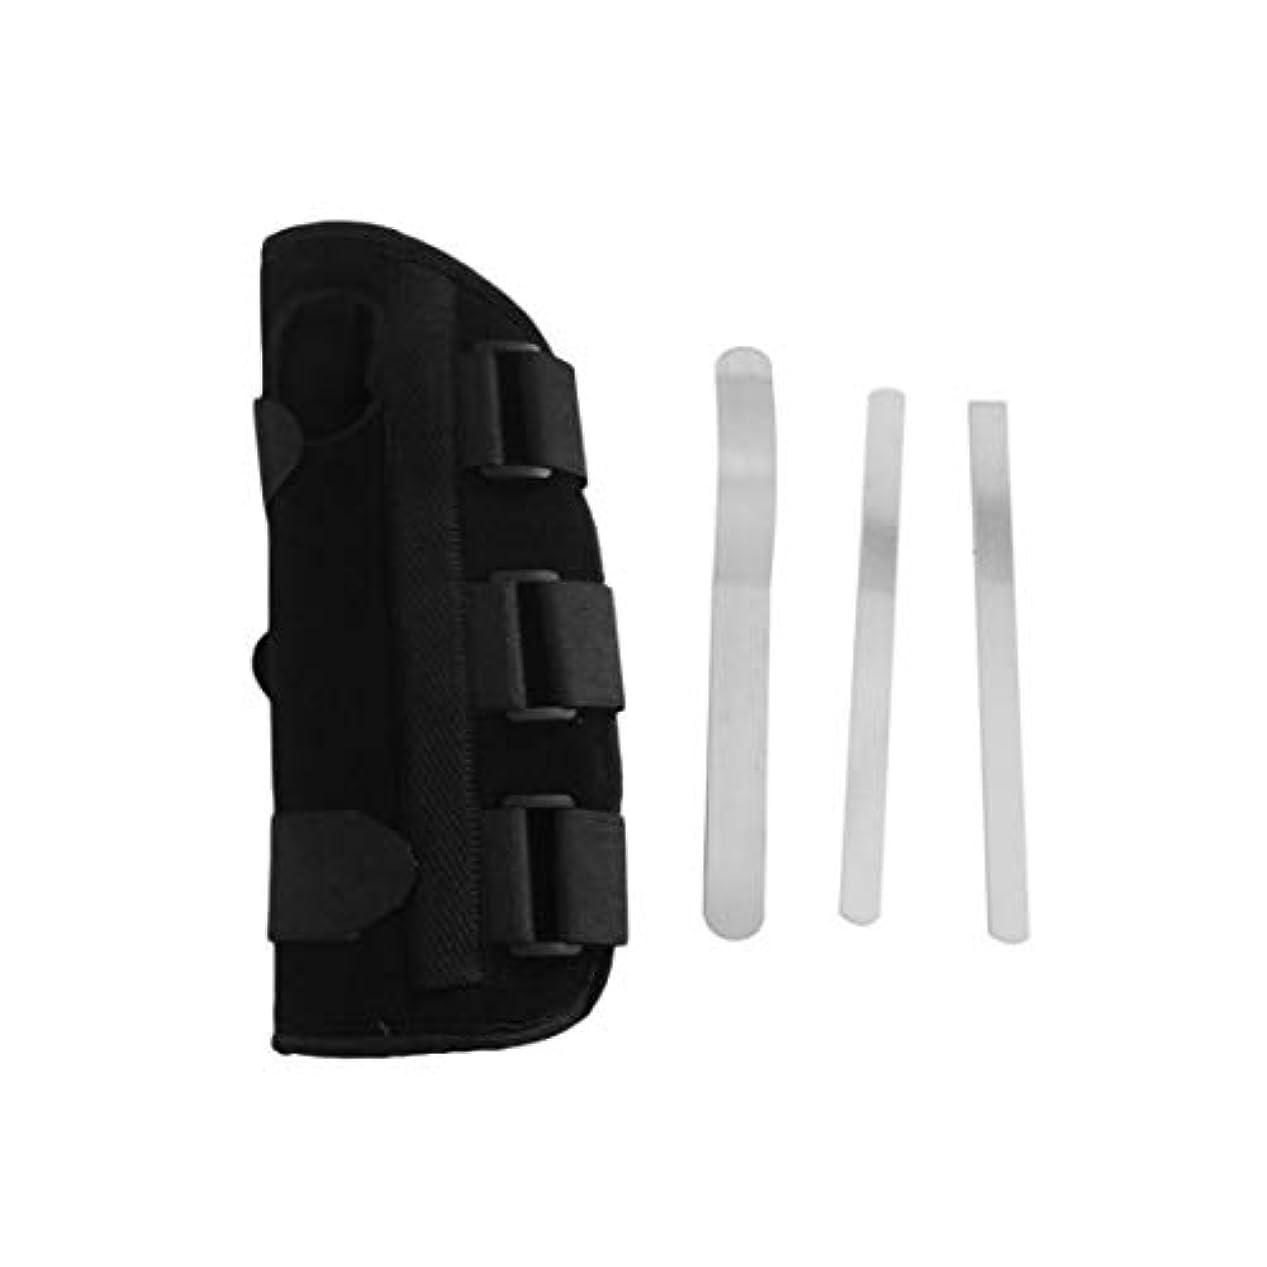 クレタ束ねるもっと少なく手首副木ブレース保護サポートストラップカルペルトンネルCTS RSI痛み軽減リムーバブル副木快適な軽量ストラップ - ブラックM